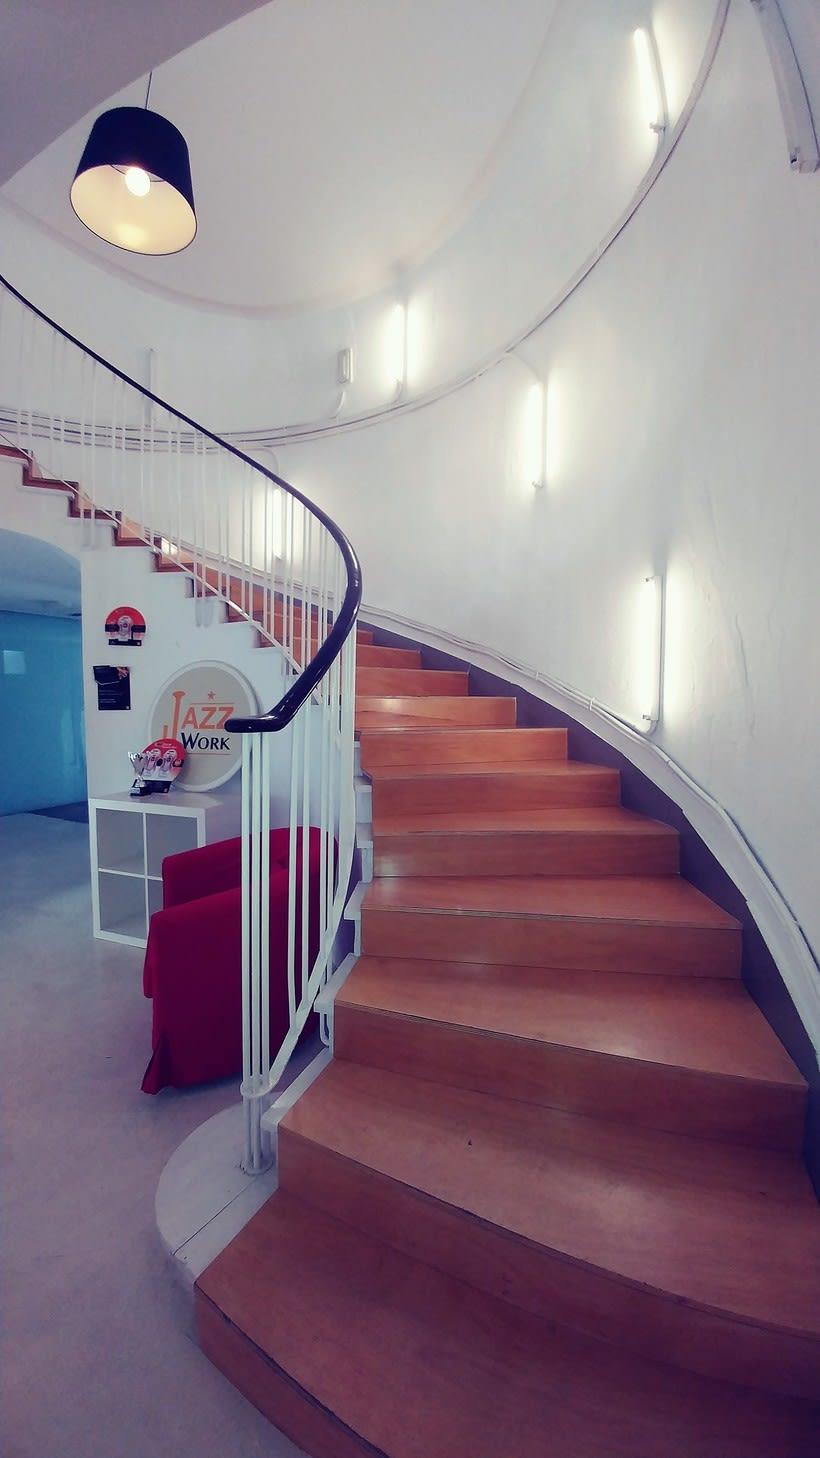 Cdoble&Co, tu nuevo Coworking en Madrid 1